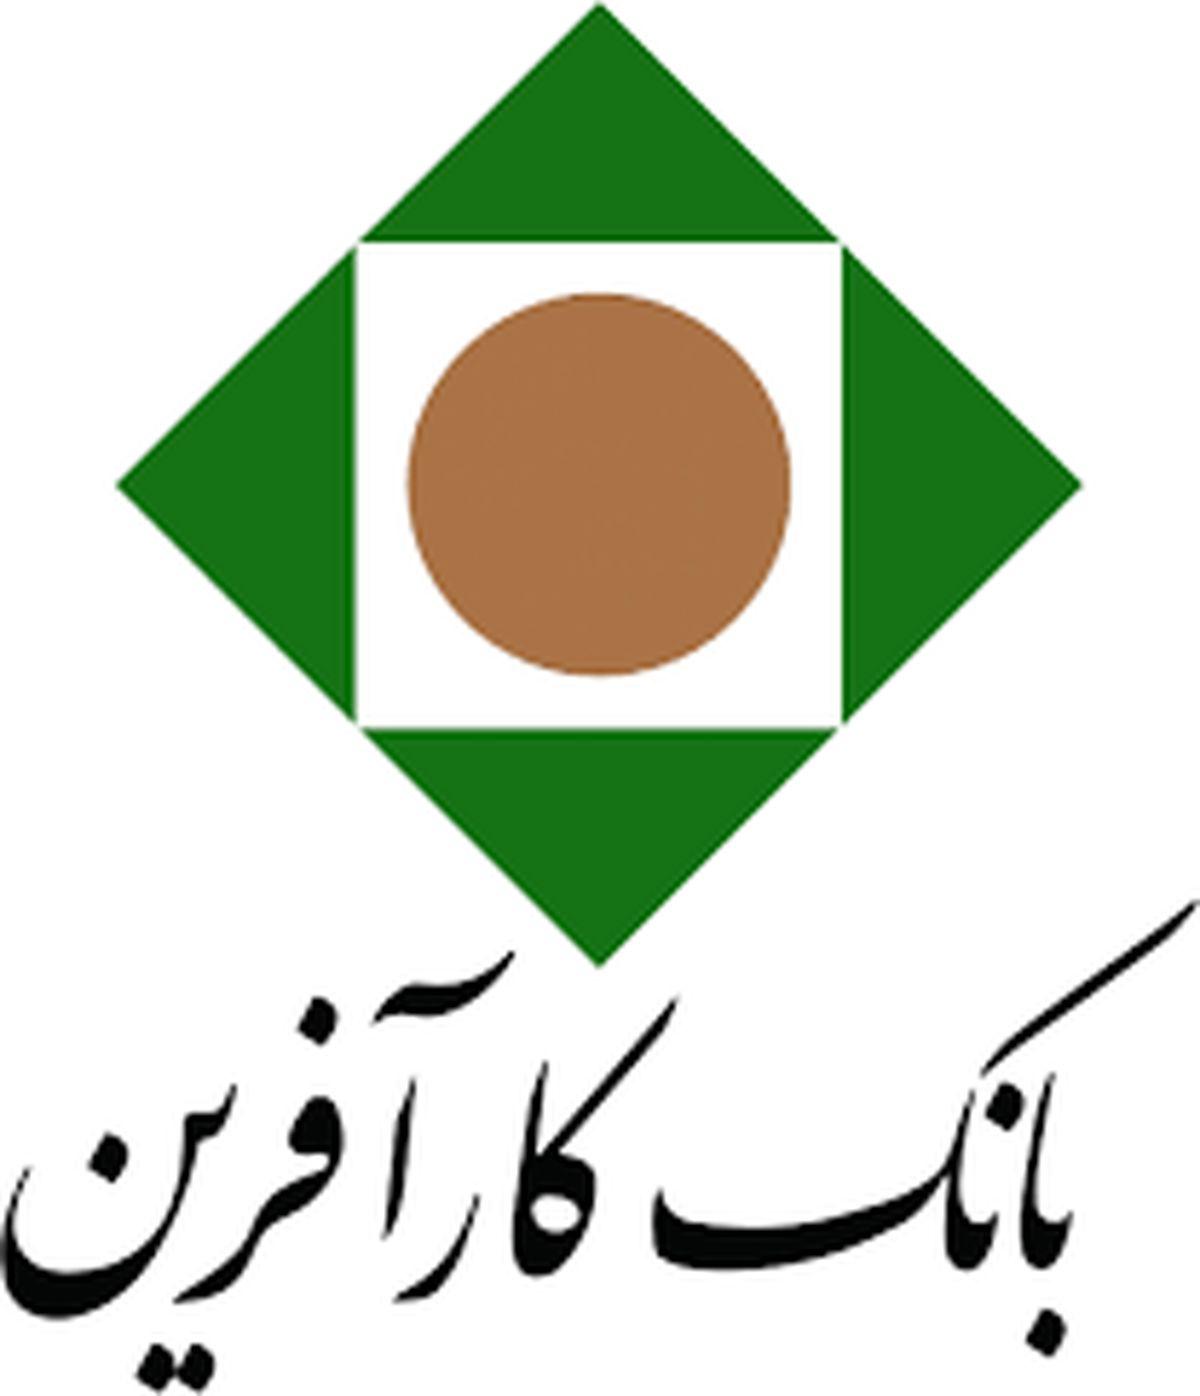 اعلام اسامی شعب کشیک بانک کارآفرین در تعطیلات نوروز 1399